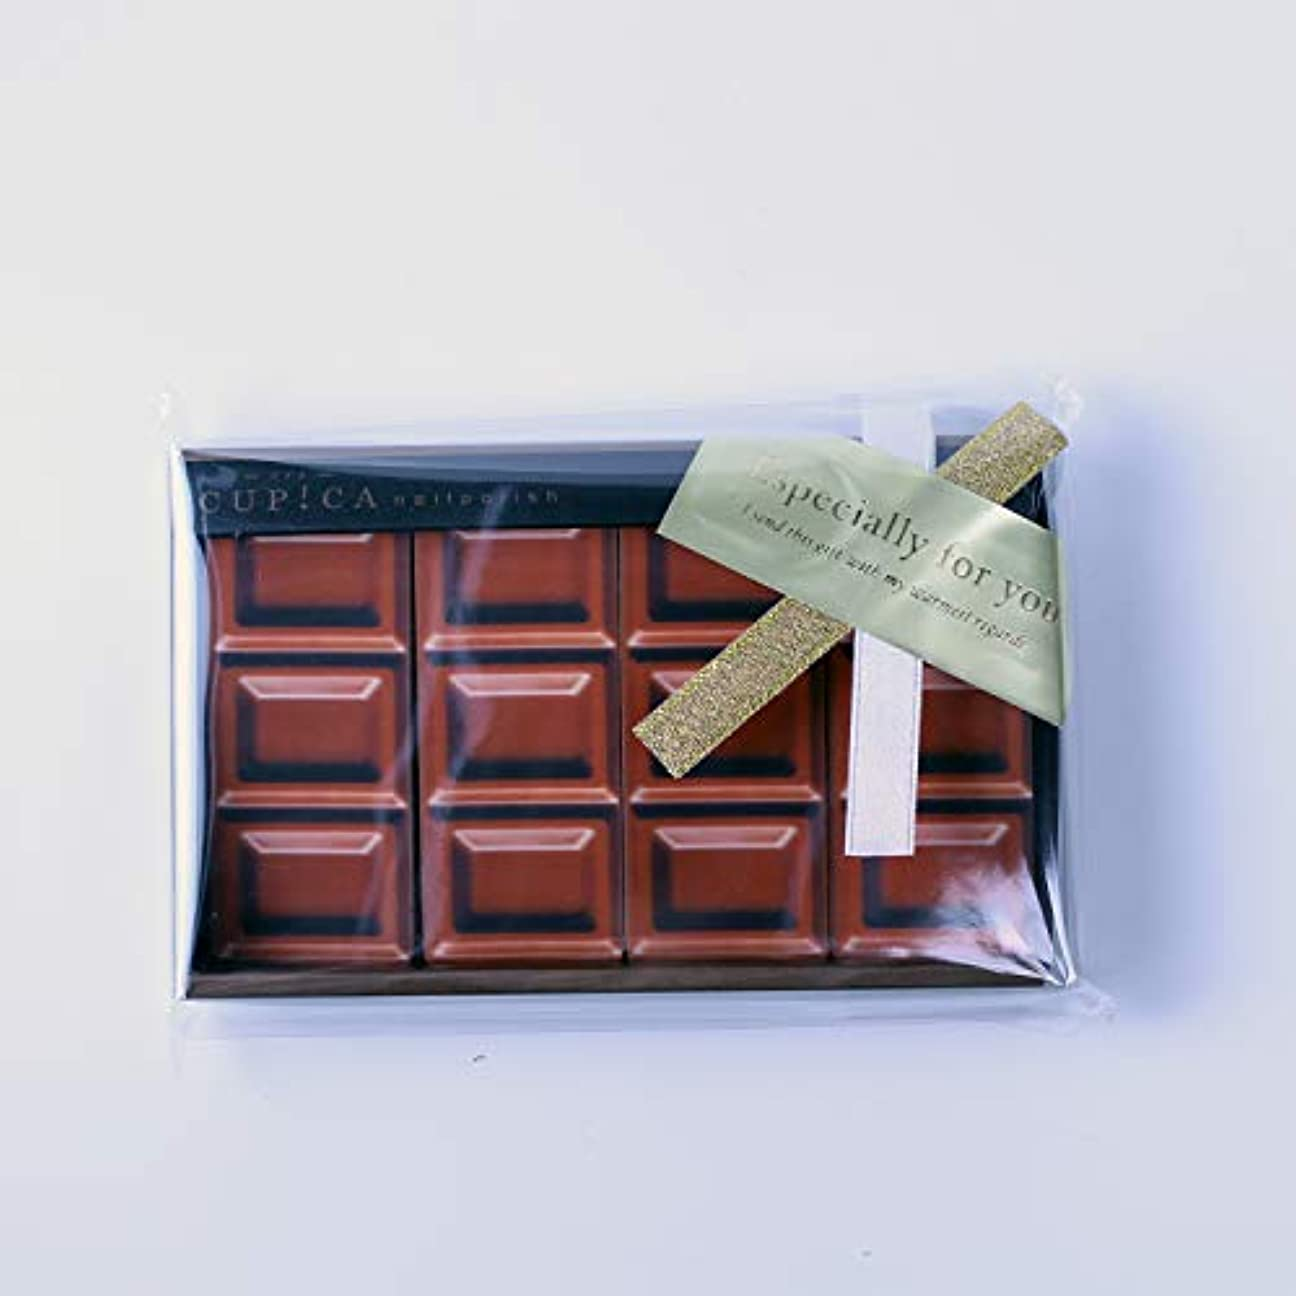 空ぼかし中バレンタイン ホワイトデー ギフト お餞別 チョコのような爪磨き おもしろグッズ アルスキュピカ チョコレート柄 ギフトシール付 クリアケース入